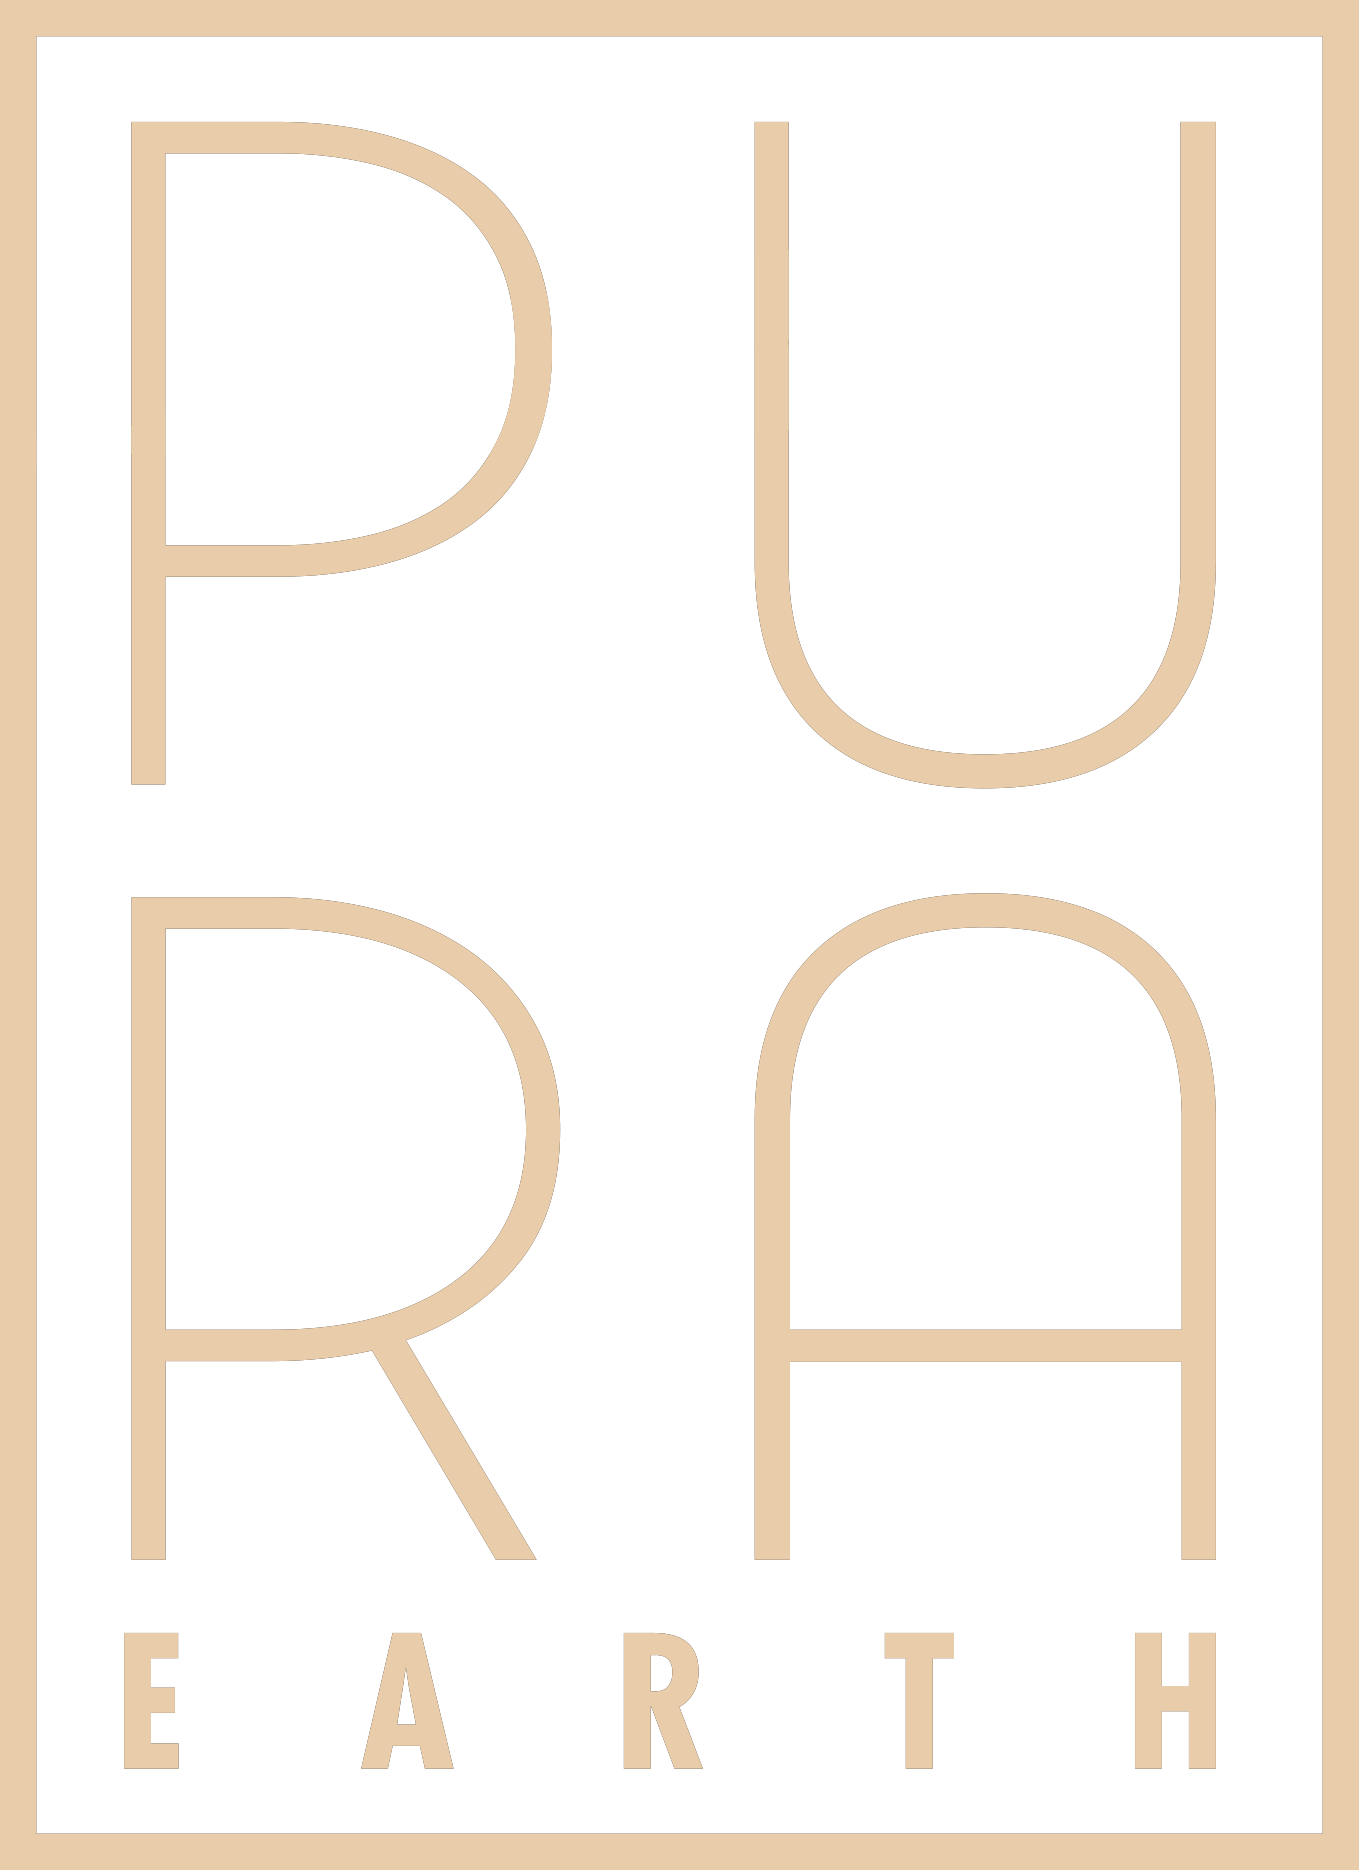 PuraEarth